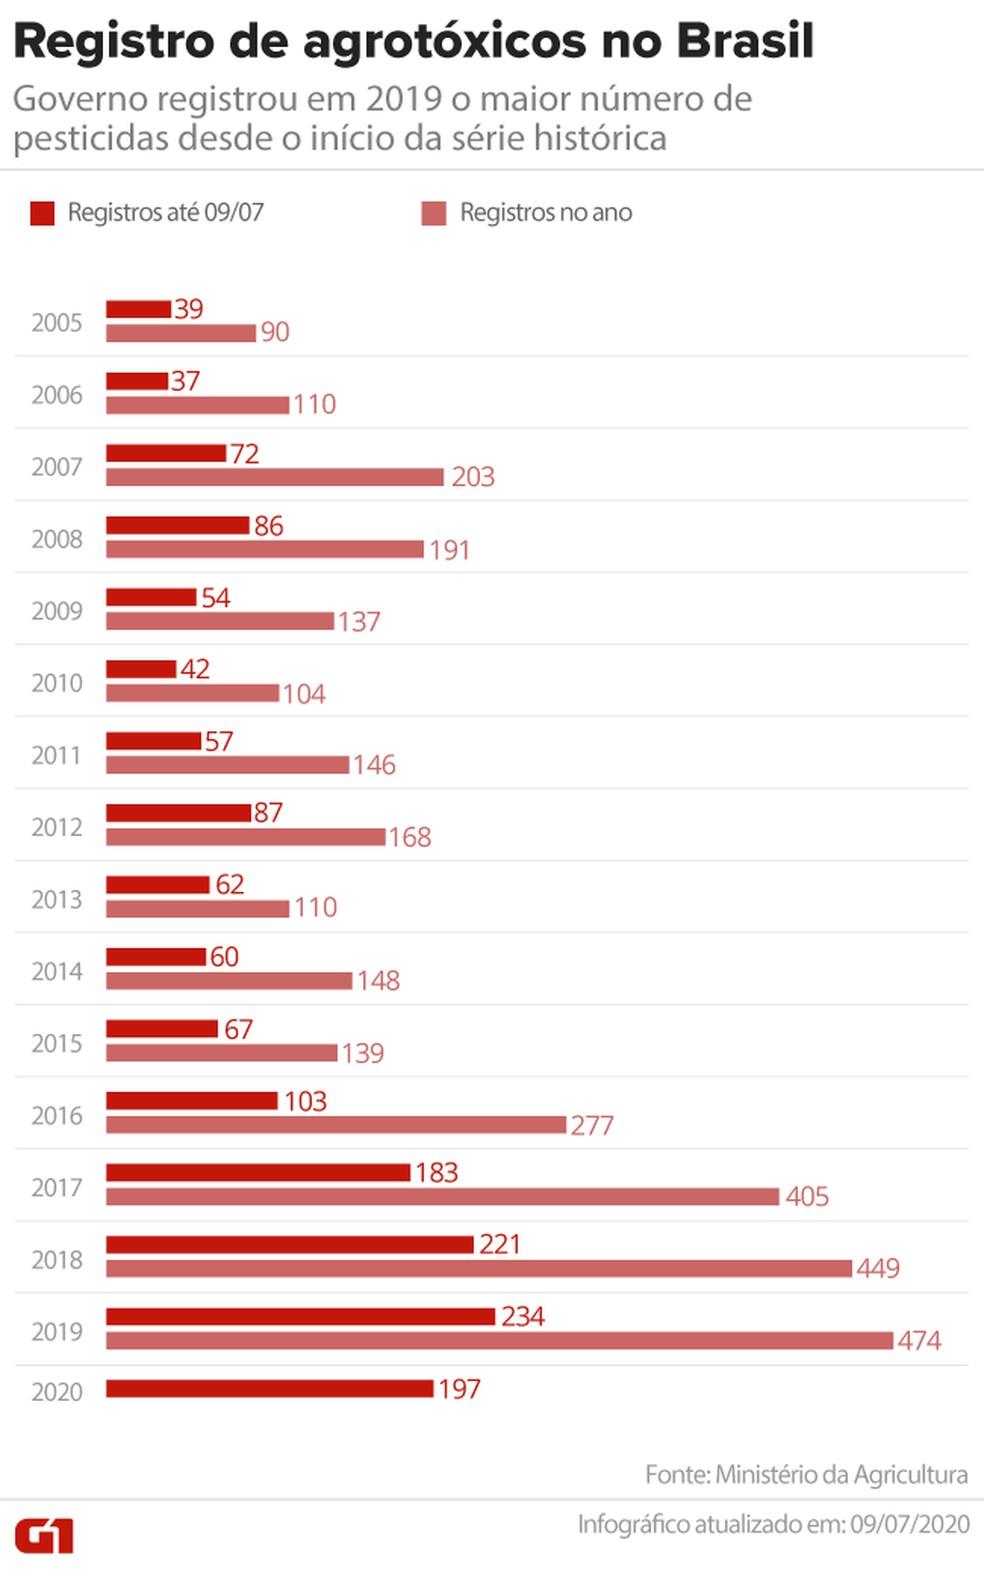 Registros de agrotóxicos no Brasil até o dia 9 de julho de 2020 — Foto: Arte G1